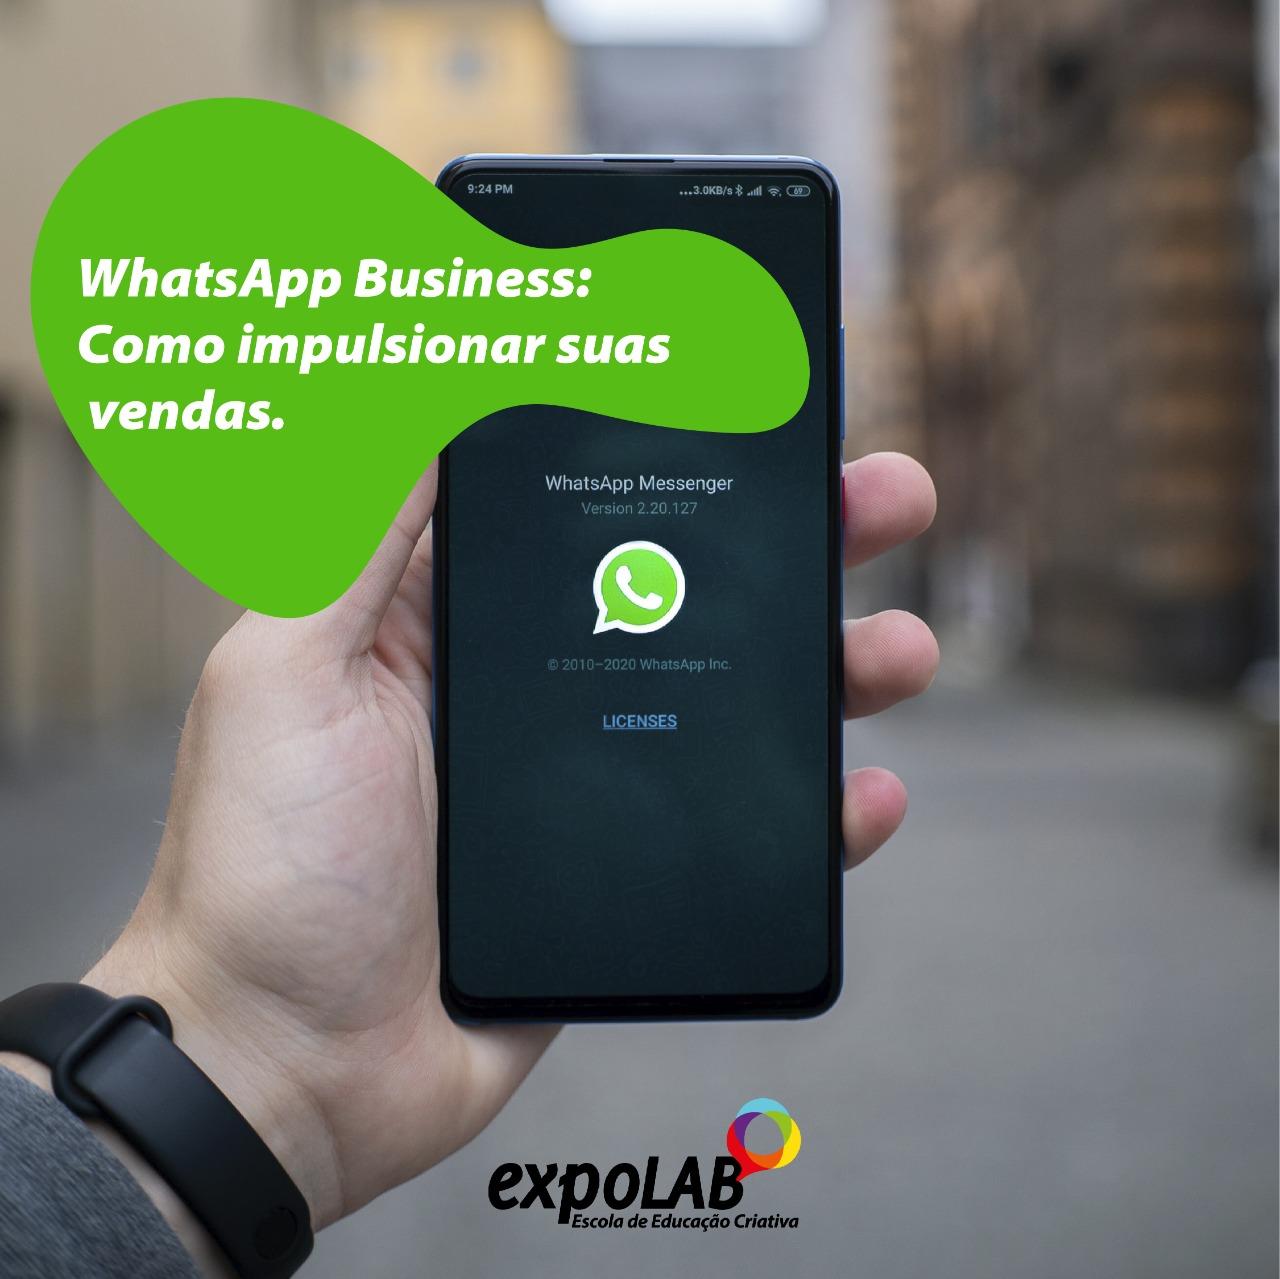 WhatsApp Business: Como impulsionar suas vendas.